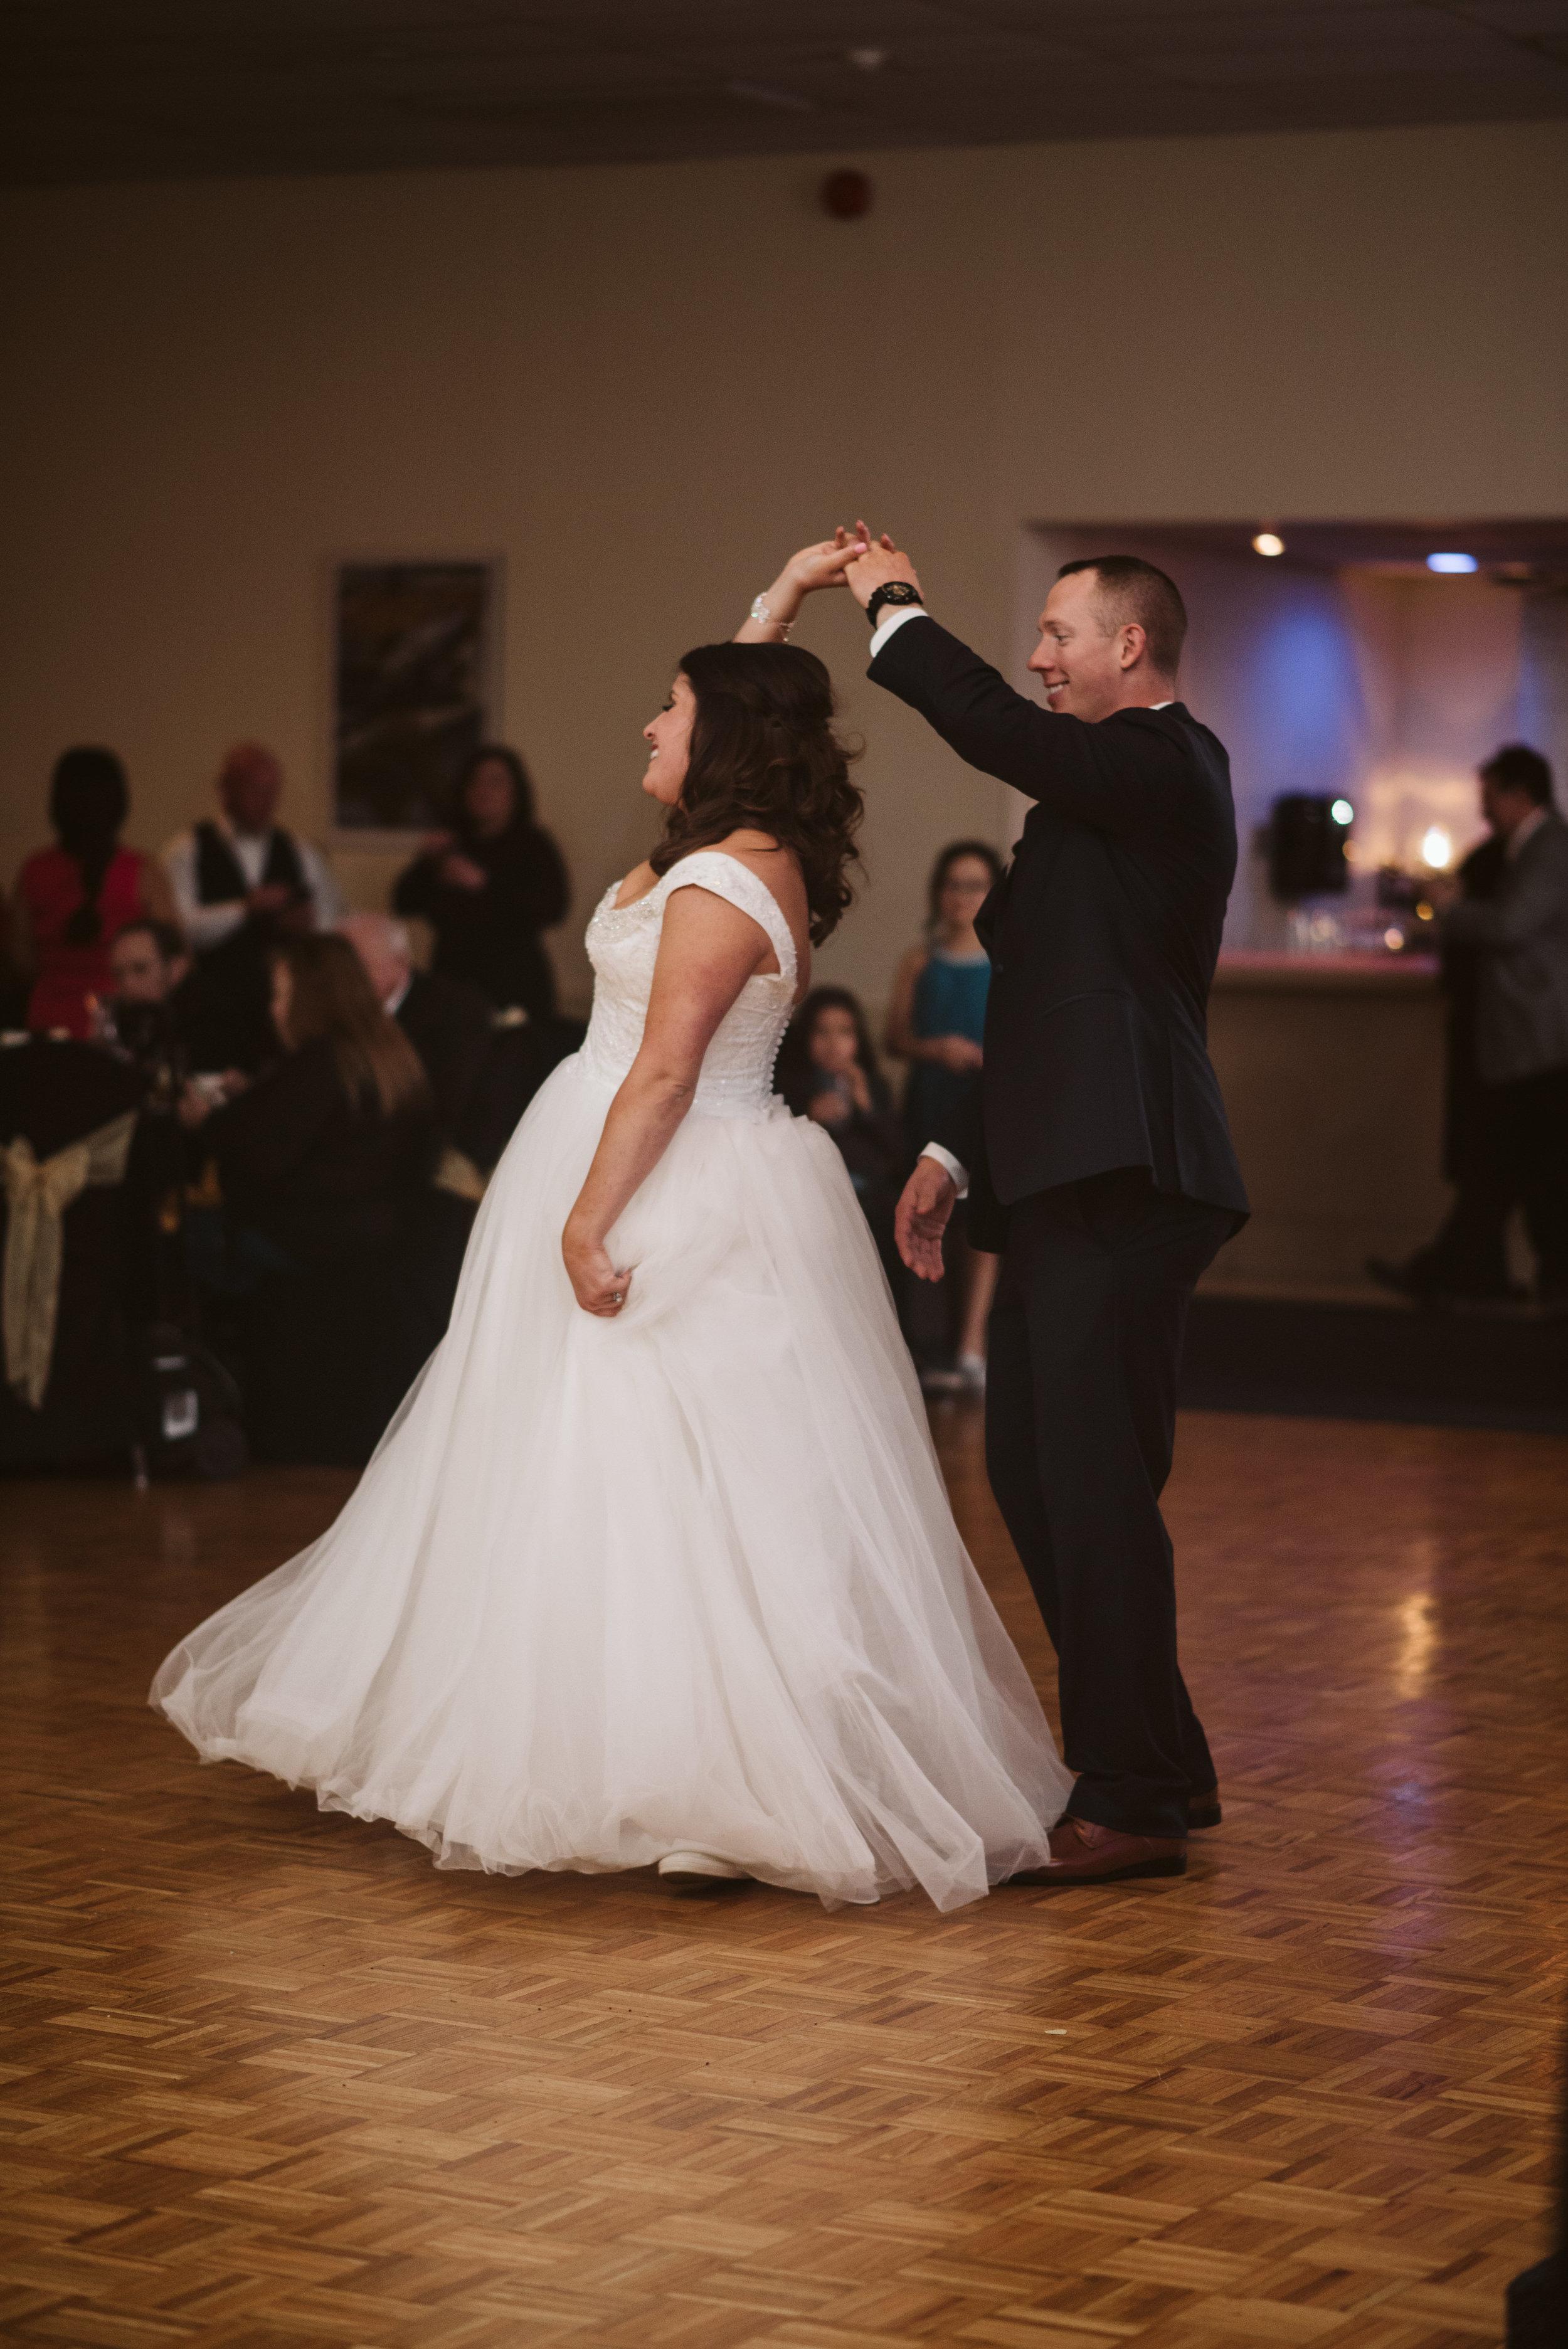 Groom twirls bride during first dance